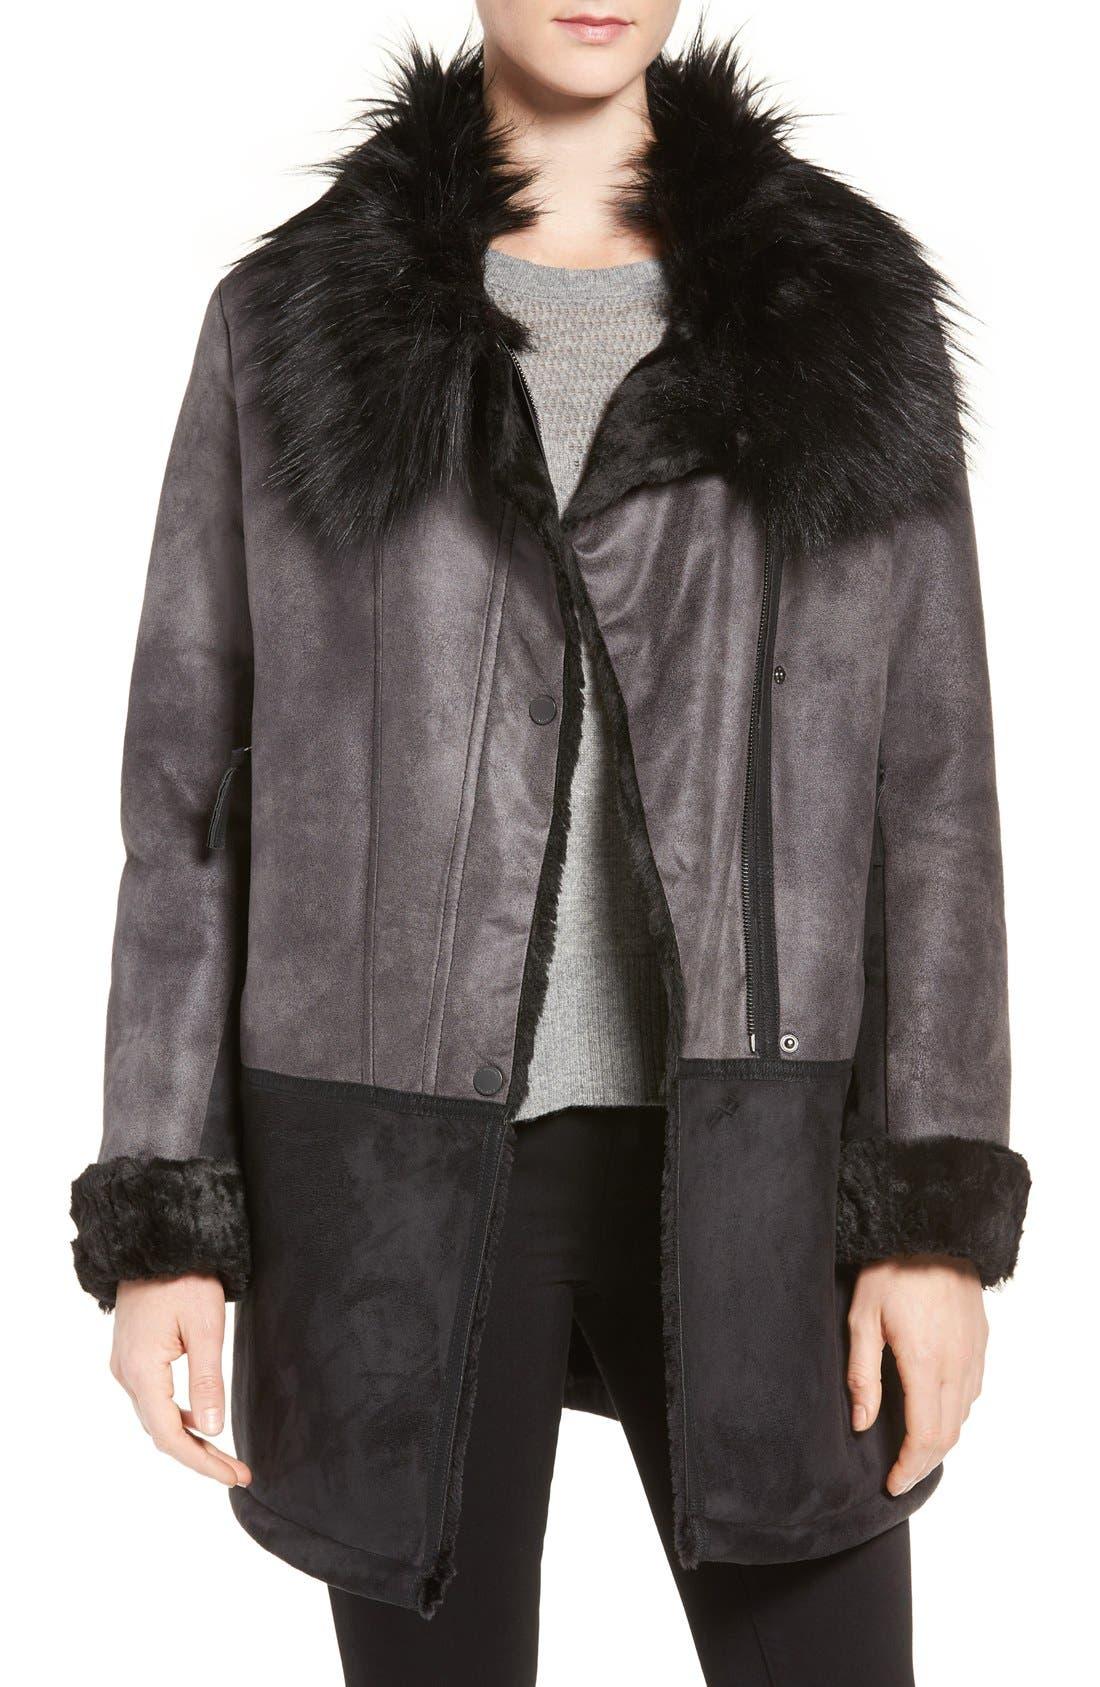 Main Image - Tahari Faux Shearling Coat with Faux Fur Trim